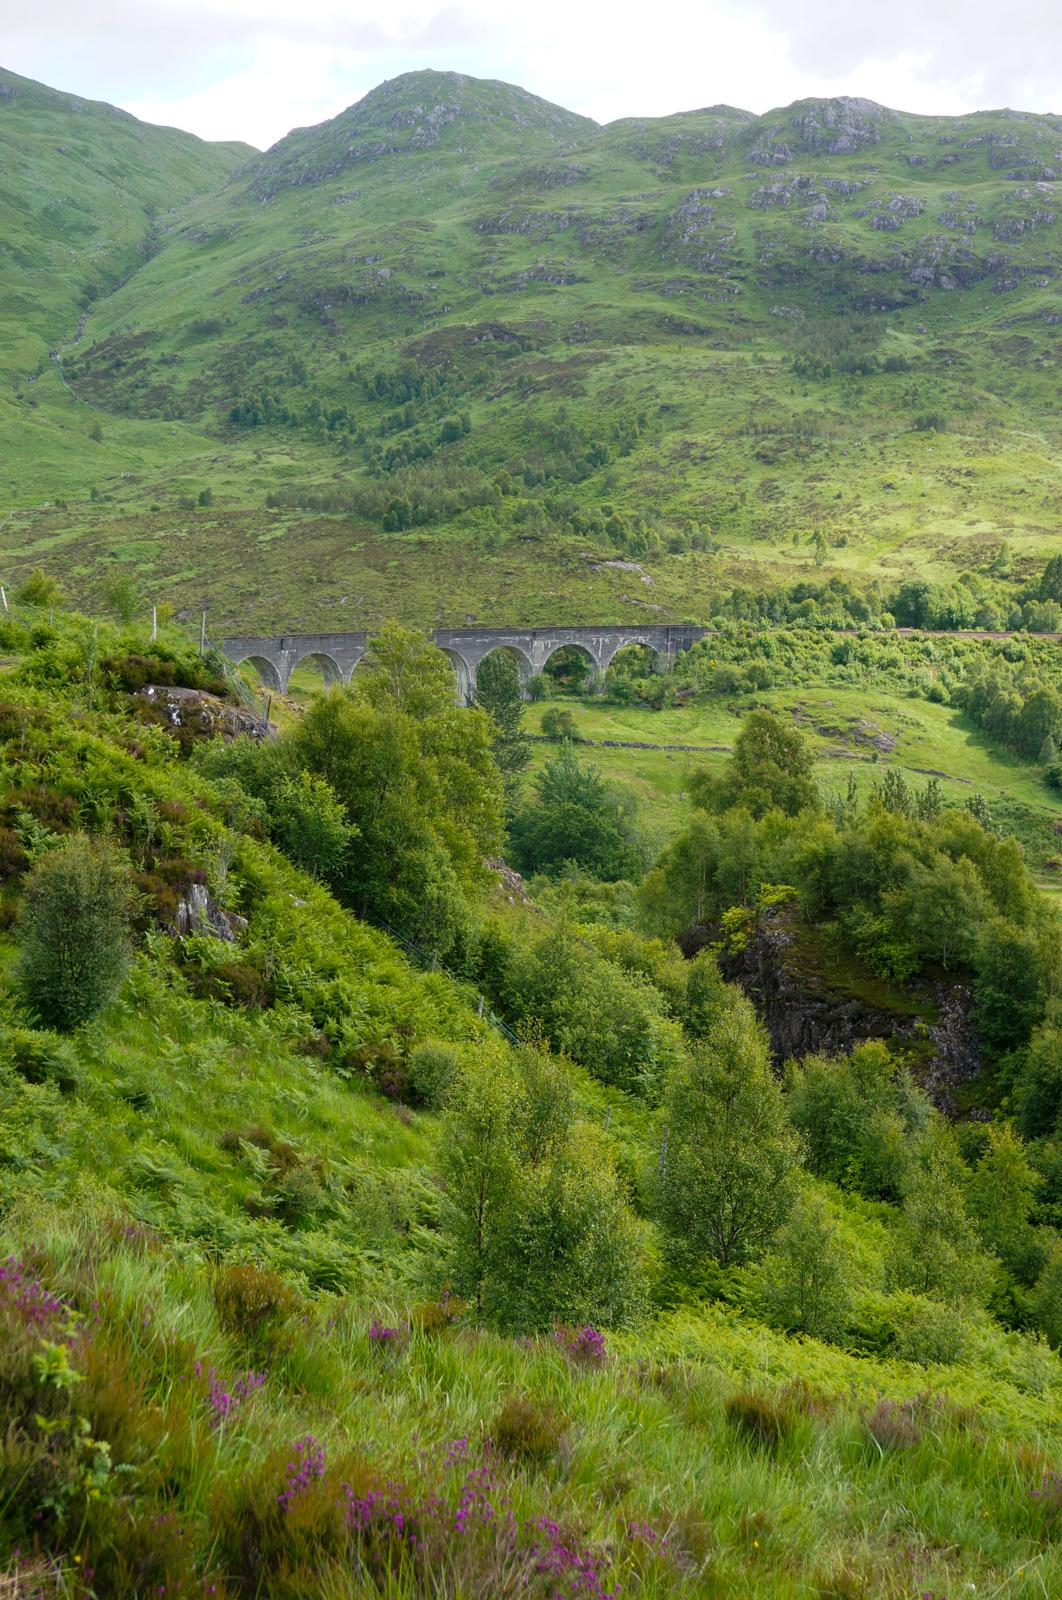 écosse, scotland, tourisme écosse, glenfinnan, highlands, hary potter écosse, harry potter scotland, harry potter trip, harry potter travel